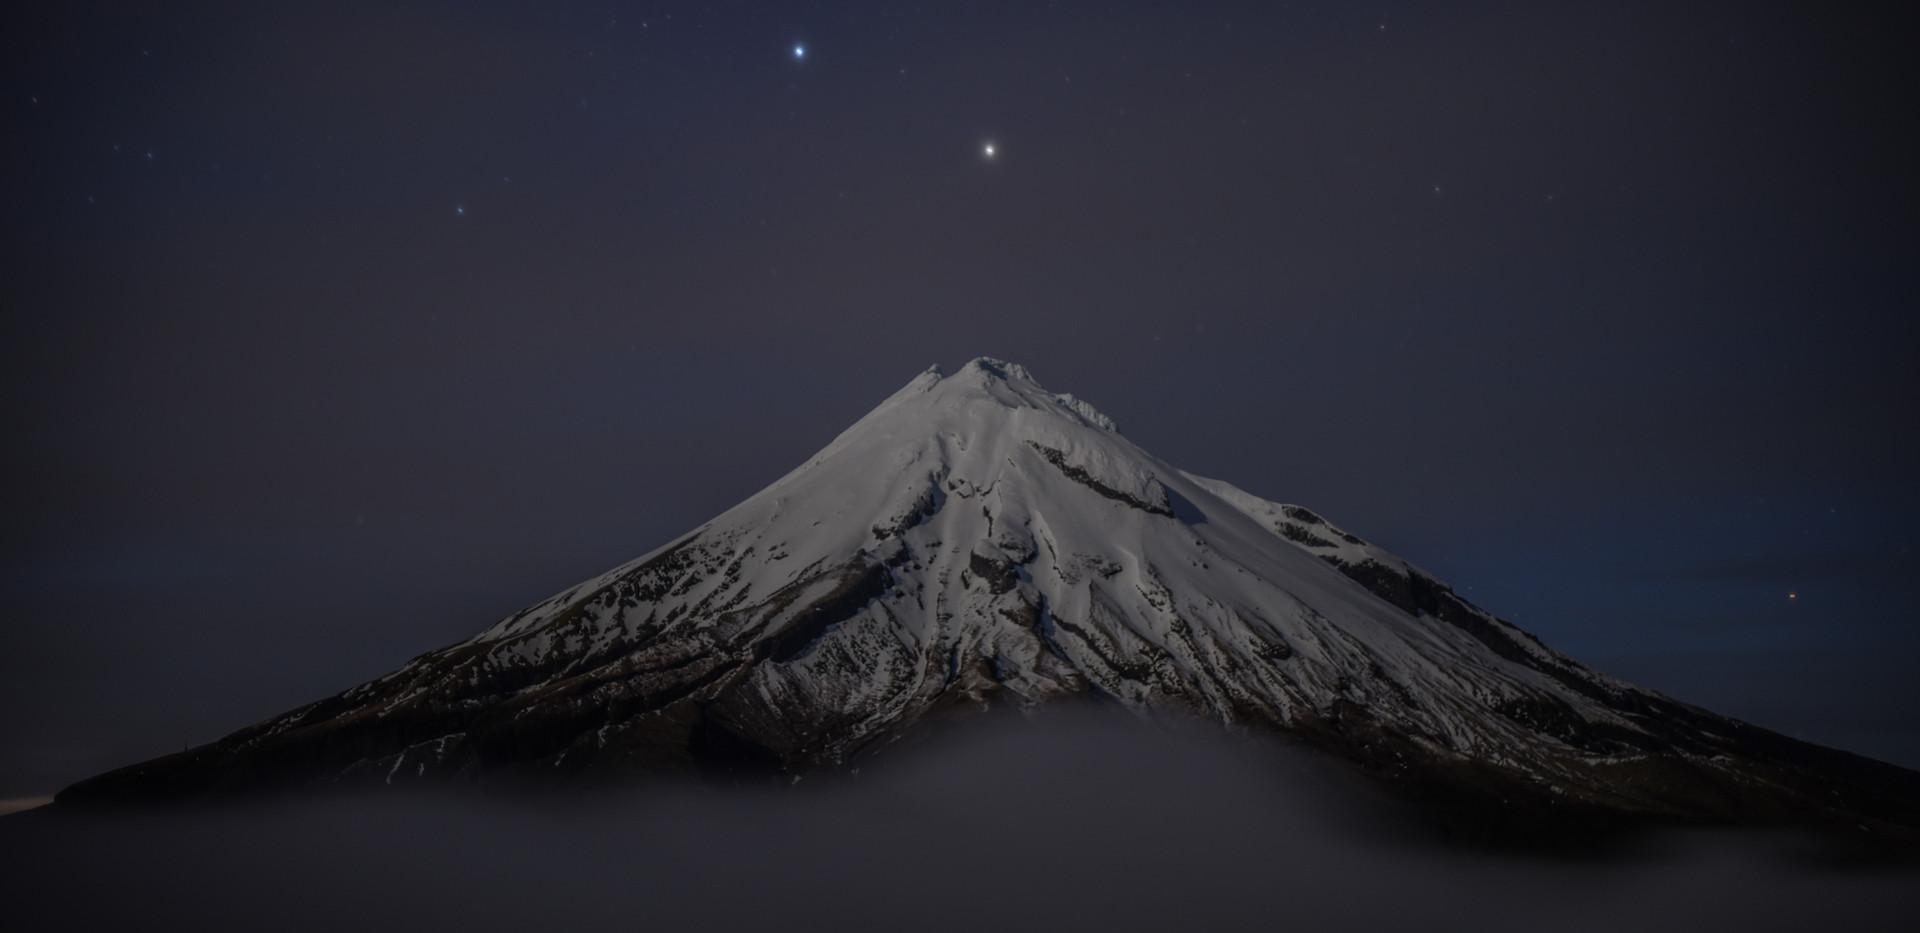 Taranaki and Stars